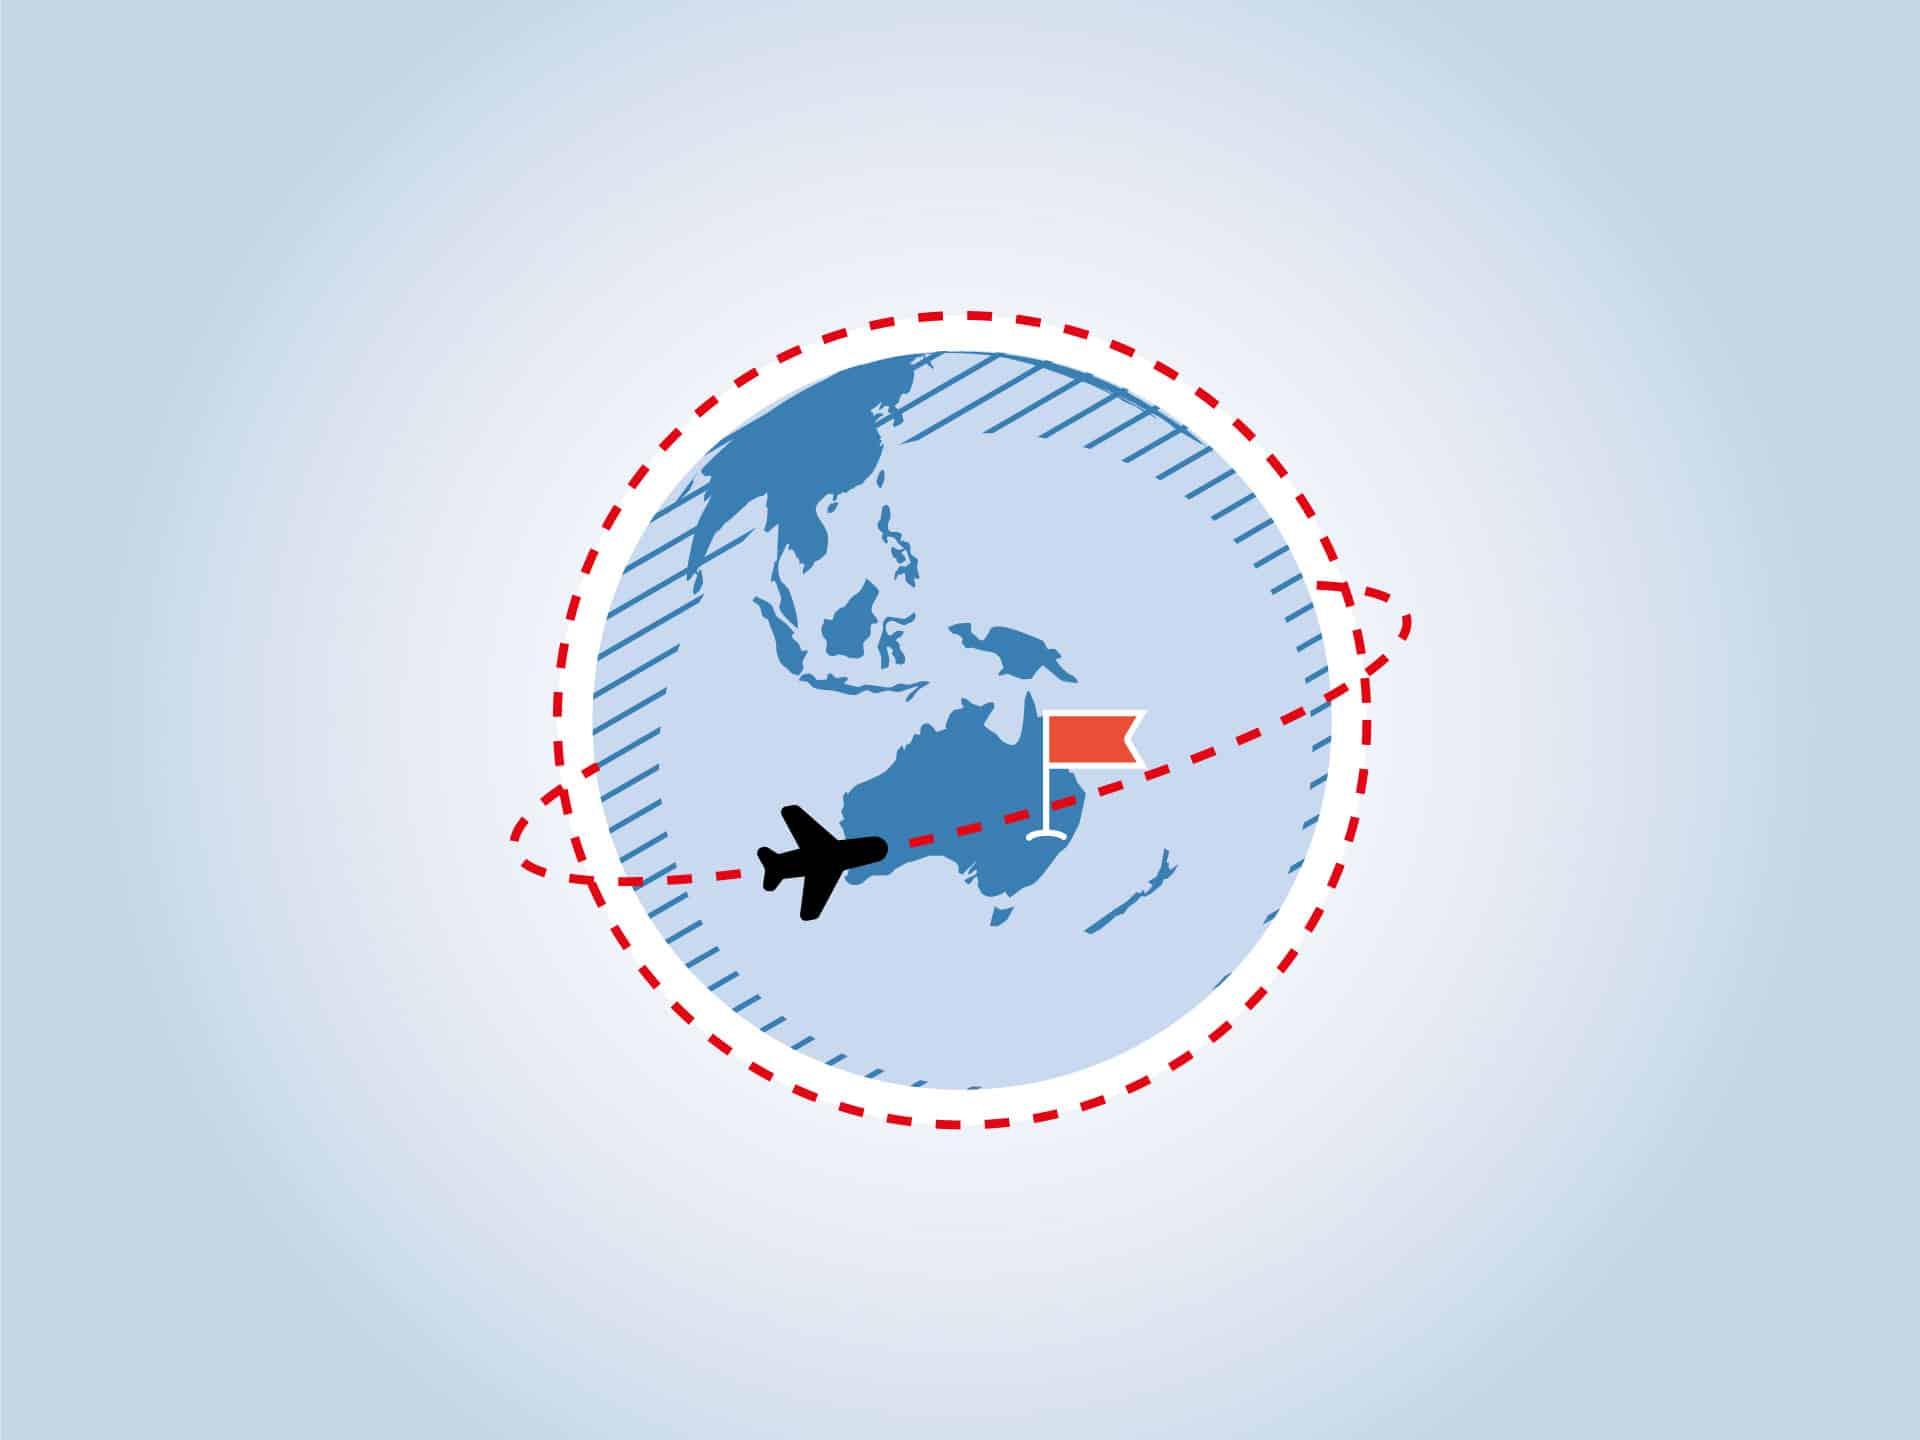 Grafik einer Weltkugel und Flugzeug, das Australien ansteuert